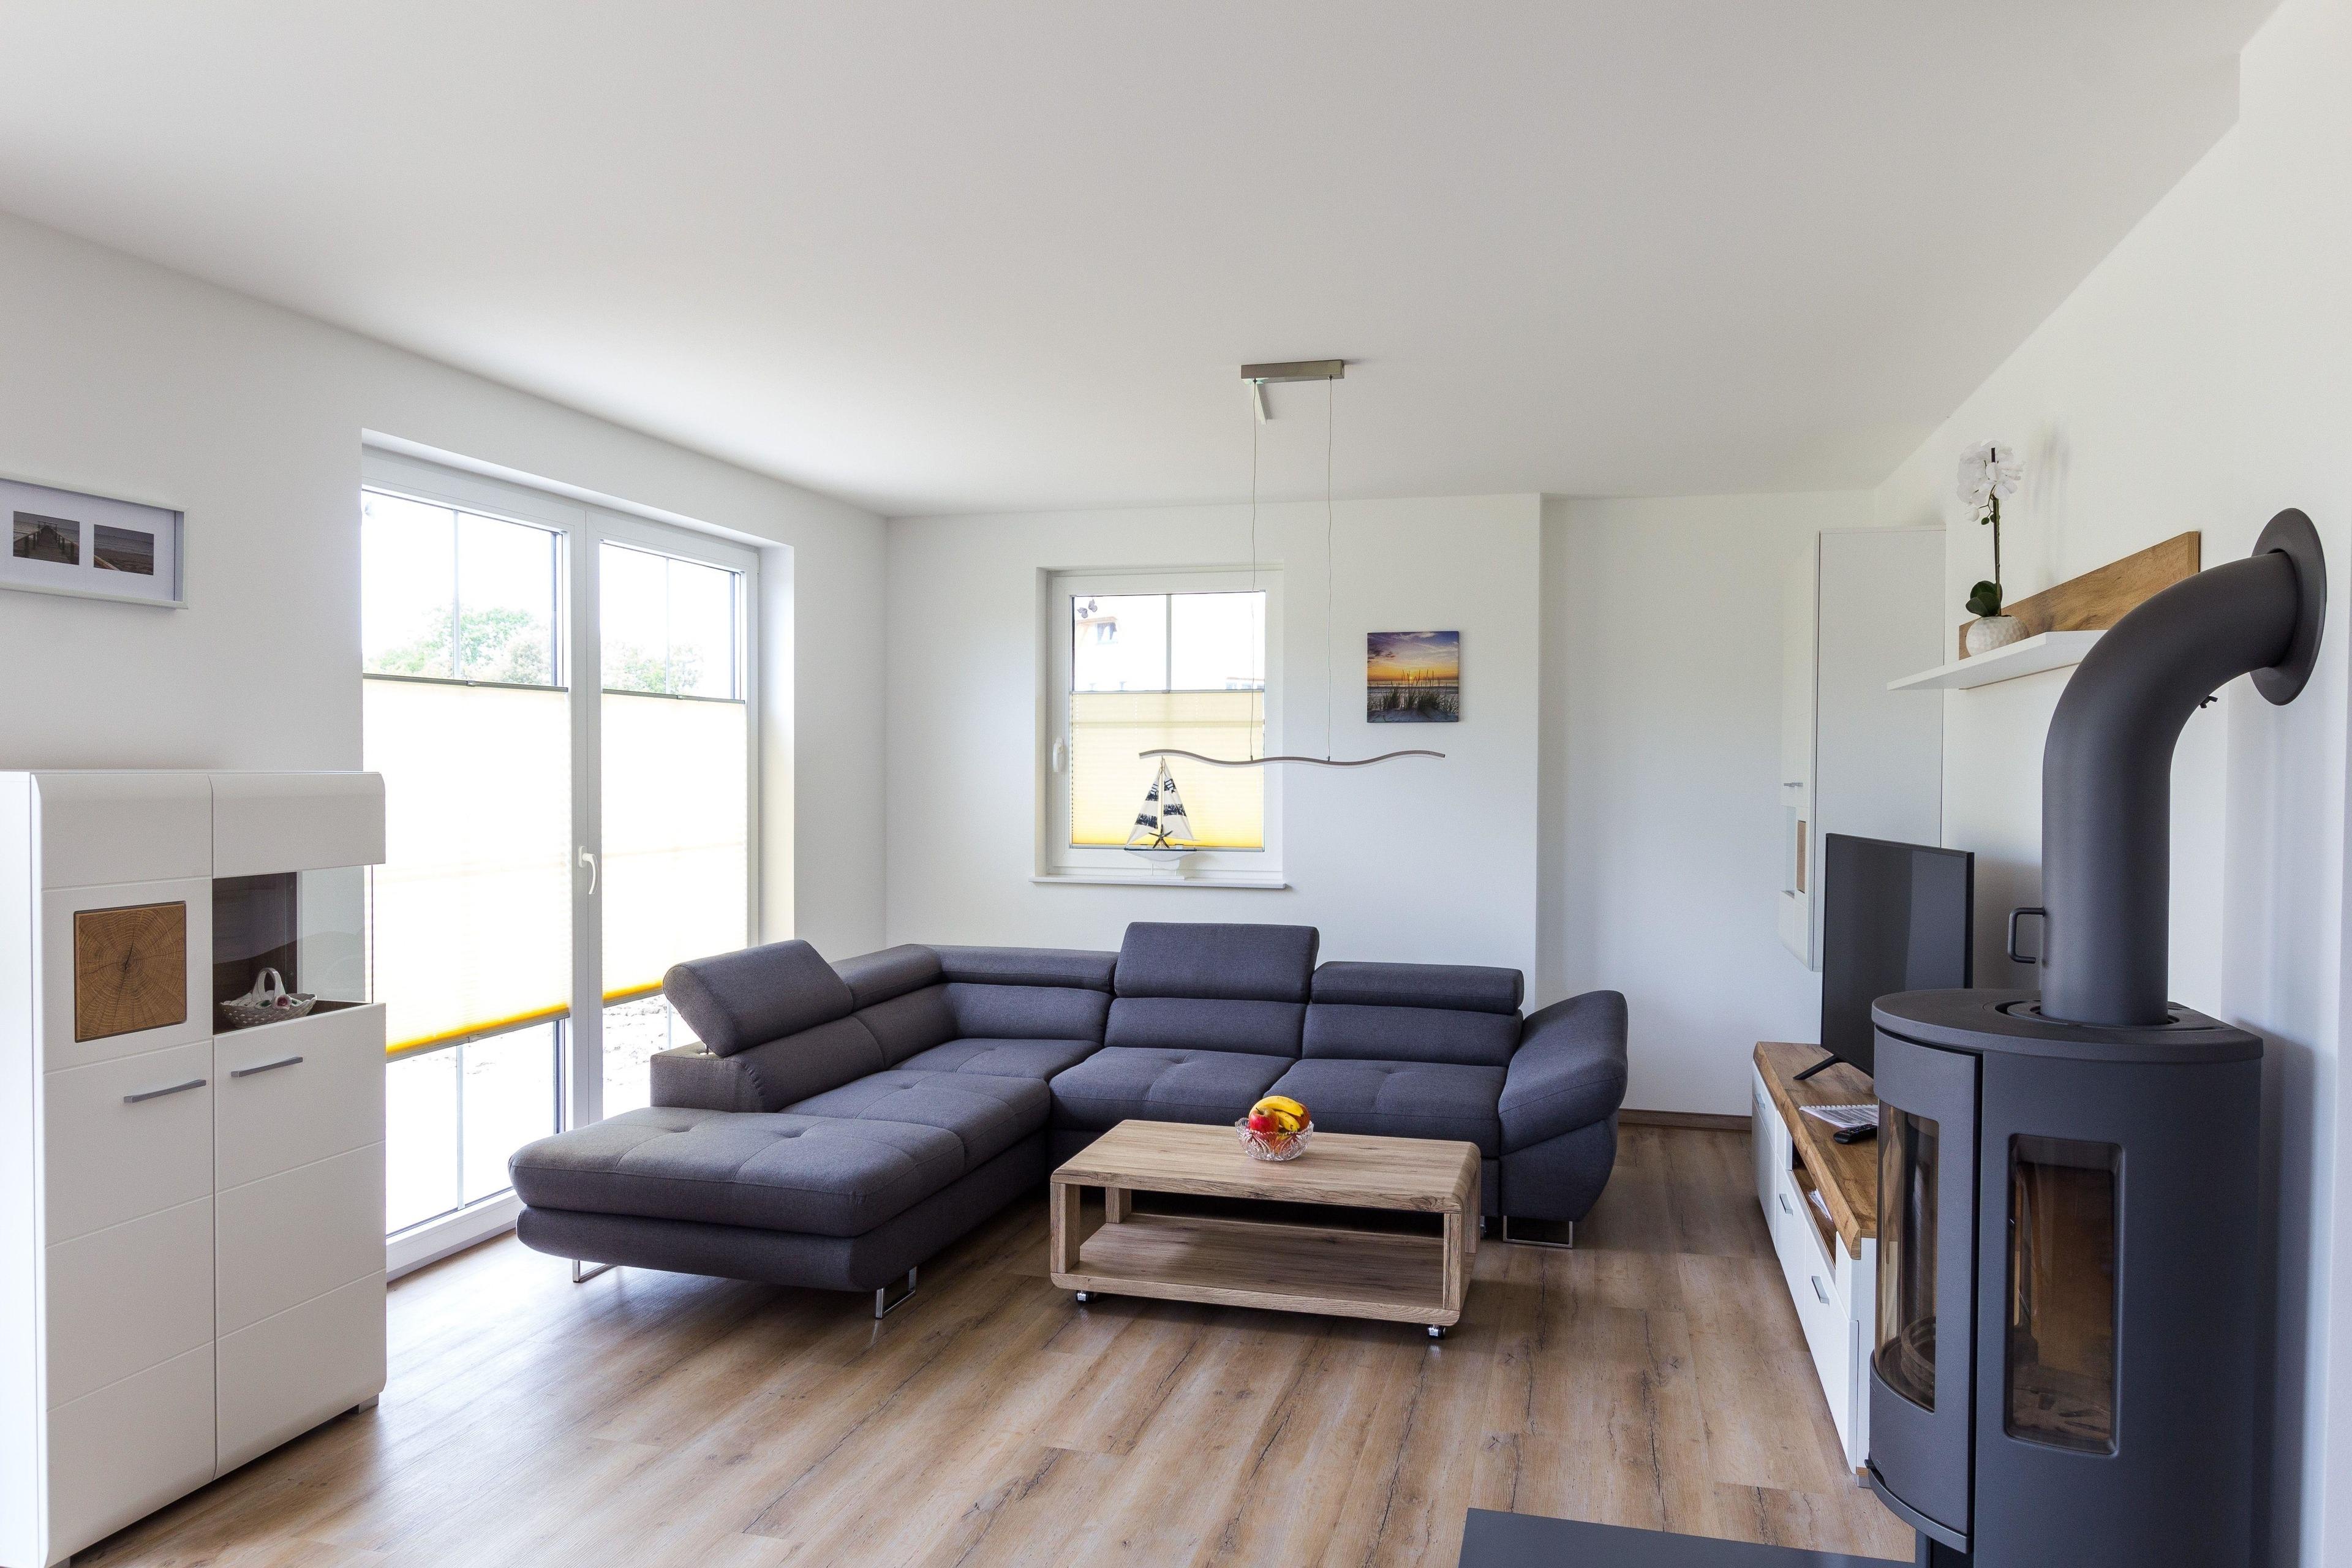 Ferienwohnung Fewo Waterkant (2656513), Dranske, Rügen, Mecklenburg-Vorpommern, Deutschland, Bild 1